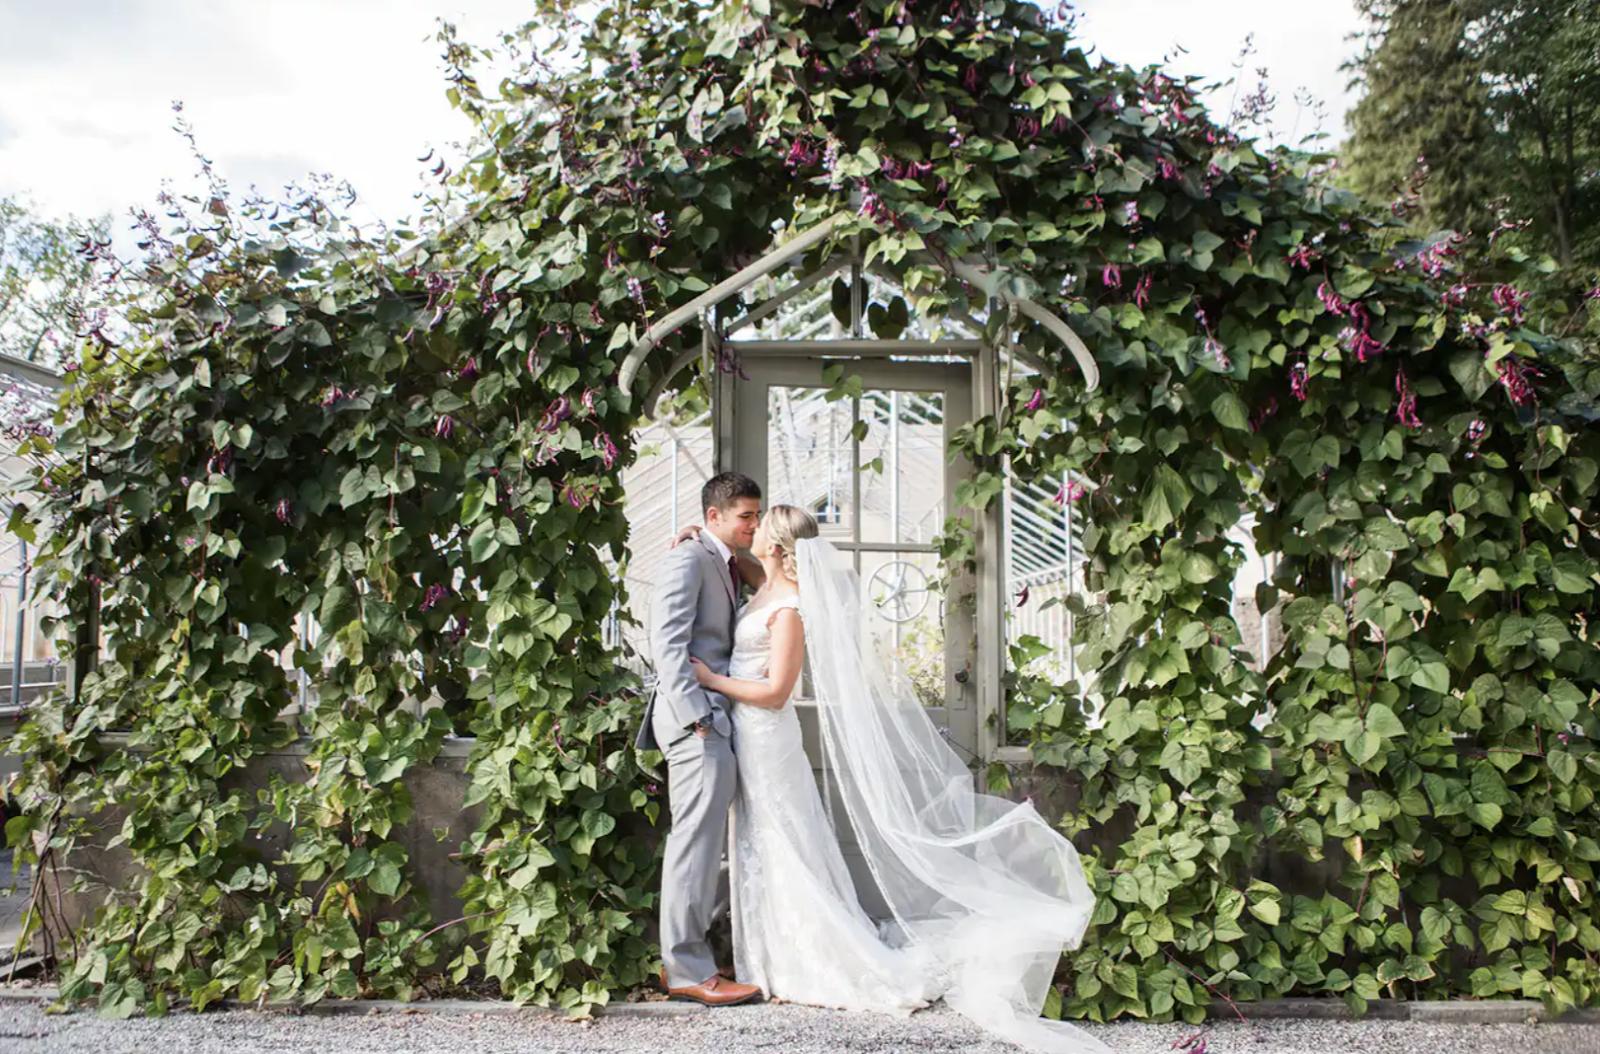 The 6 Best Outdoor Wedding Venues in Delaware